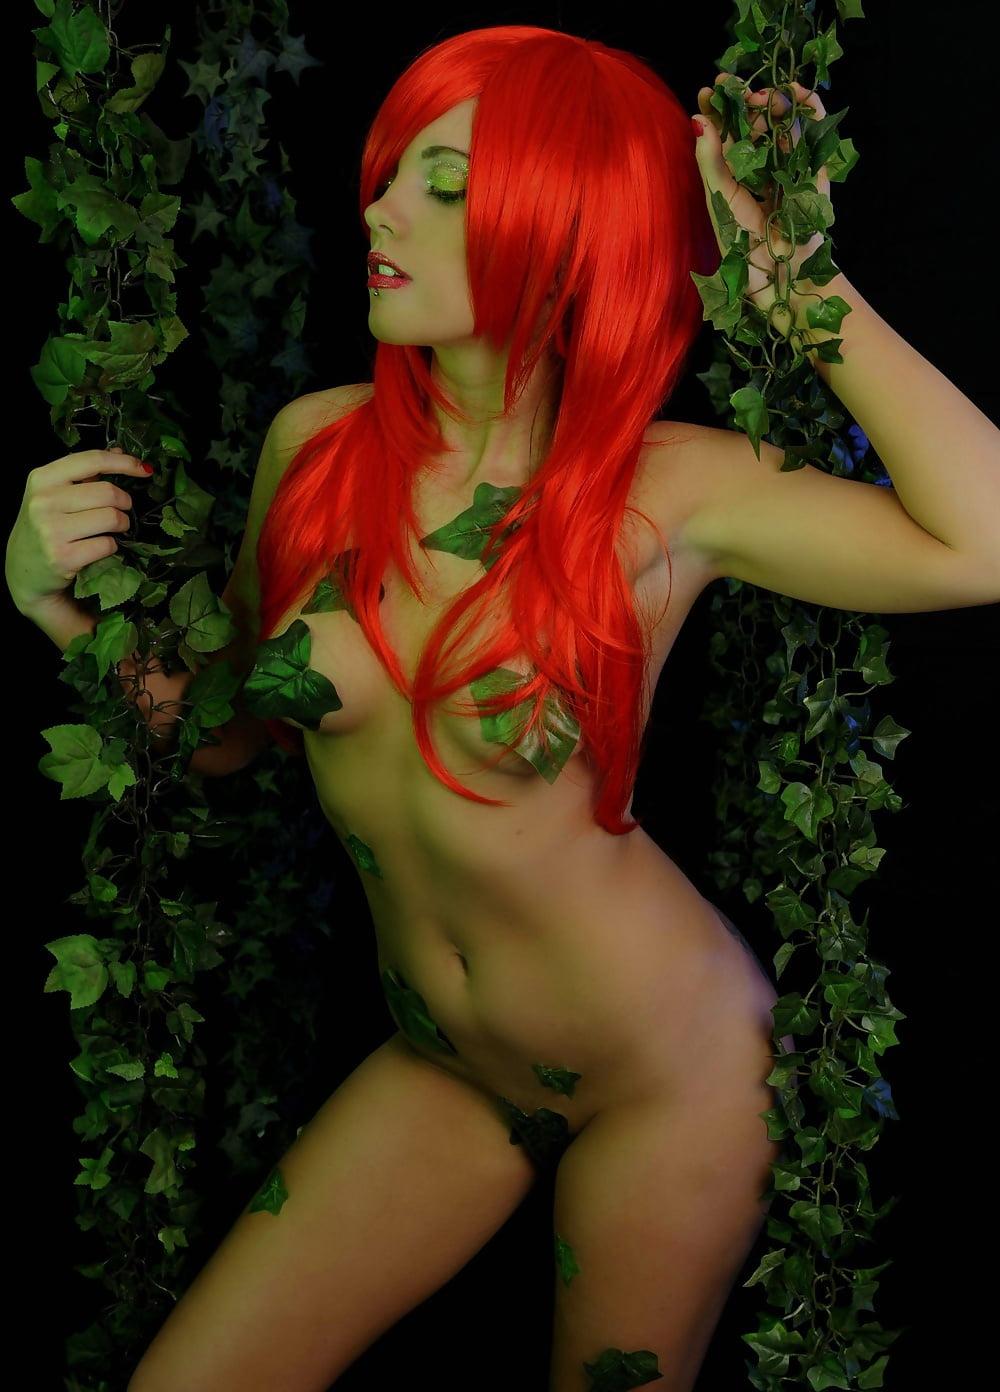 Poison ivy flirty gif